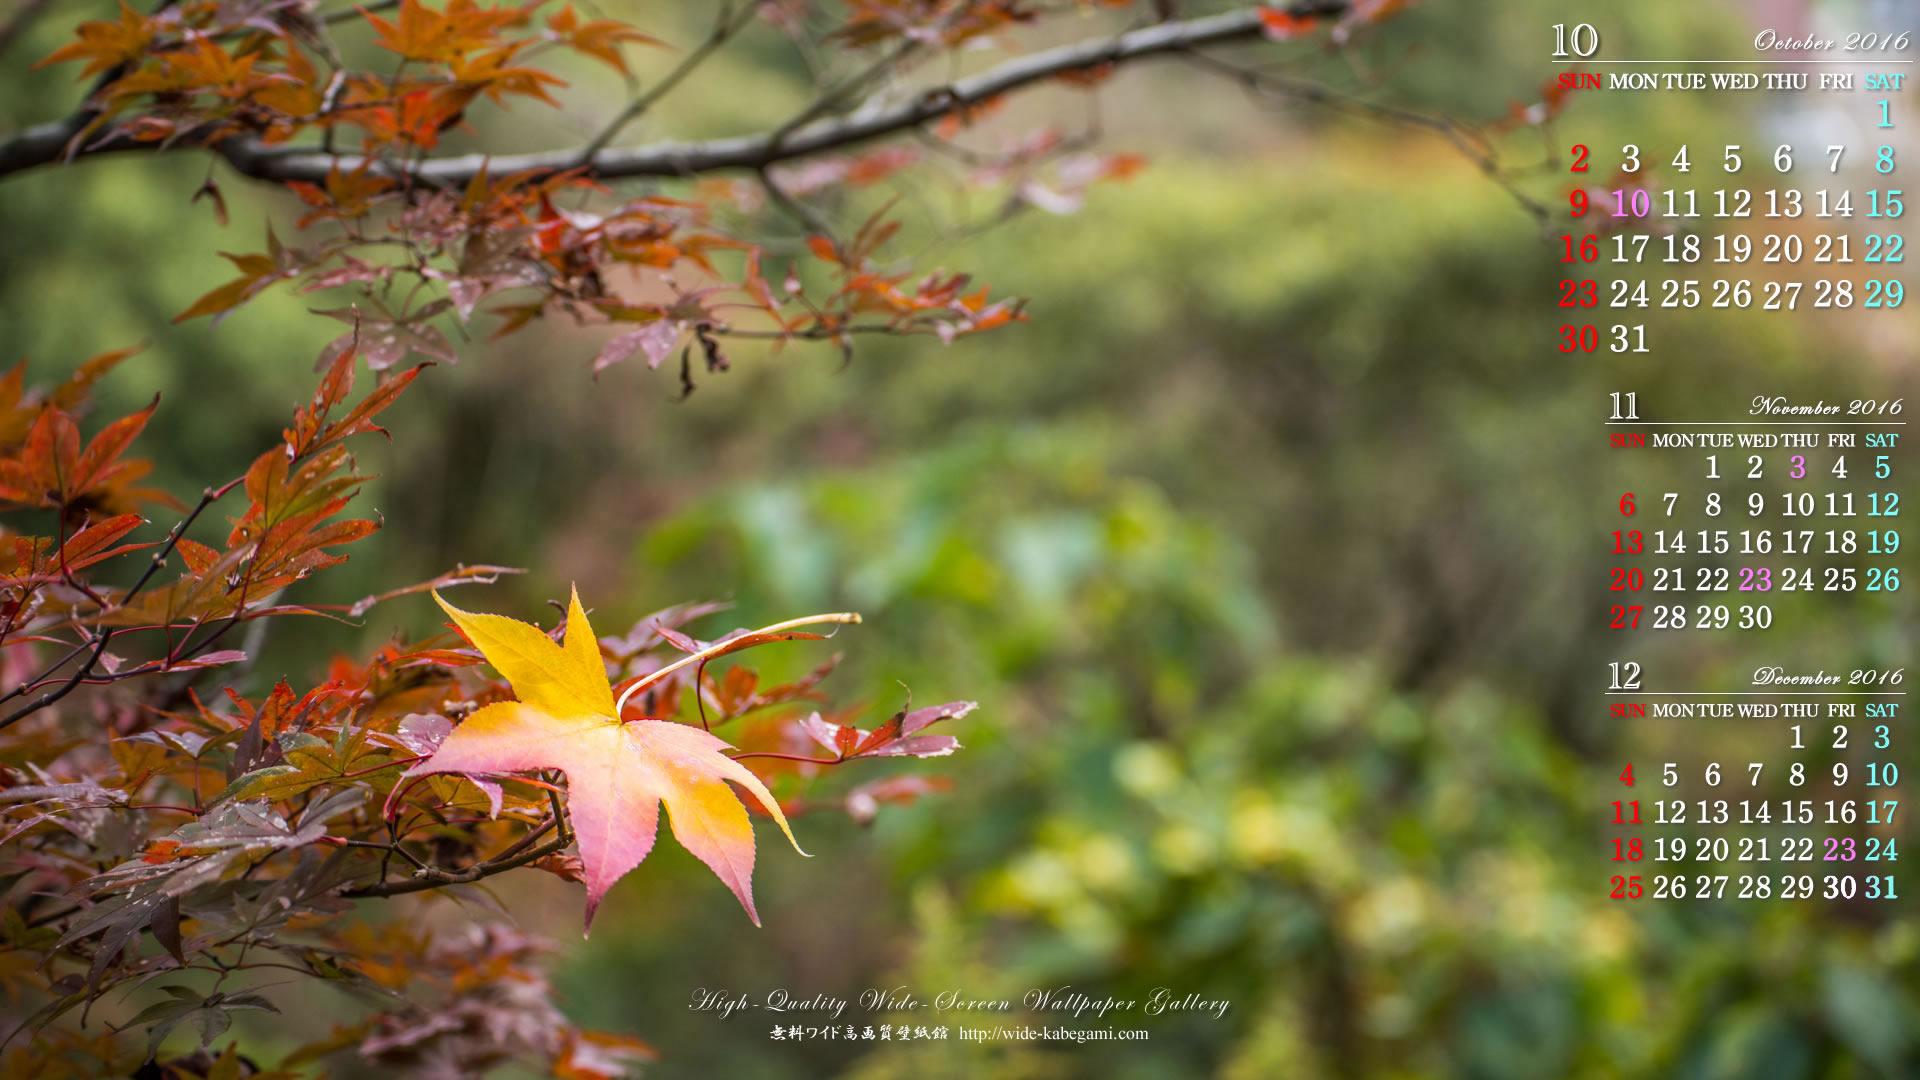 10月のワイド壁紙カレンダー 秋の訪れ 無料ワイド高画質壁紙館